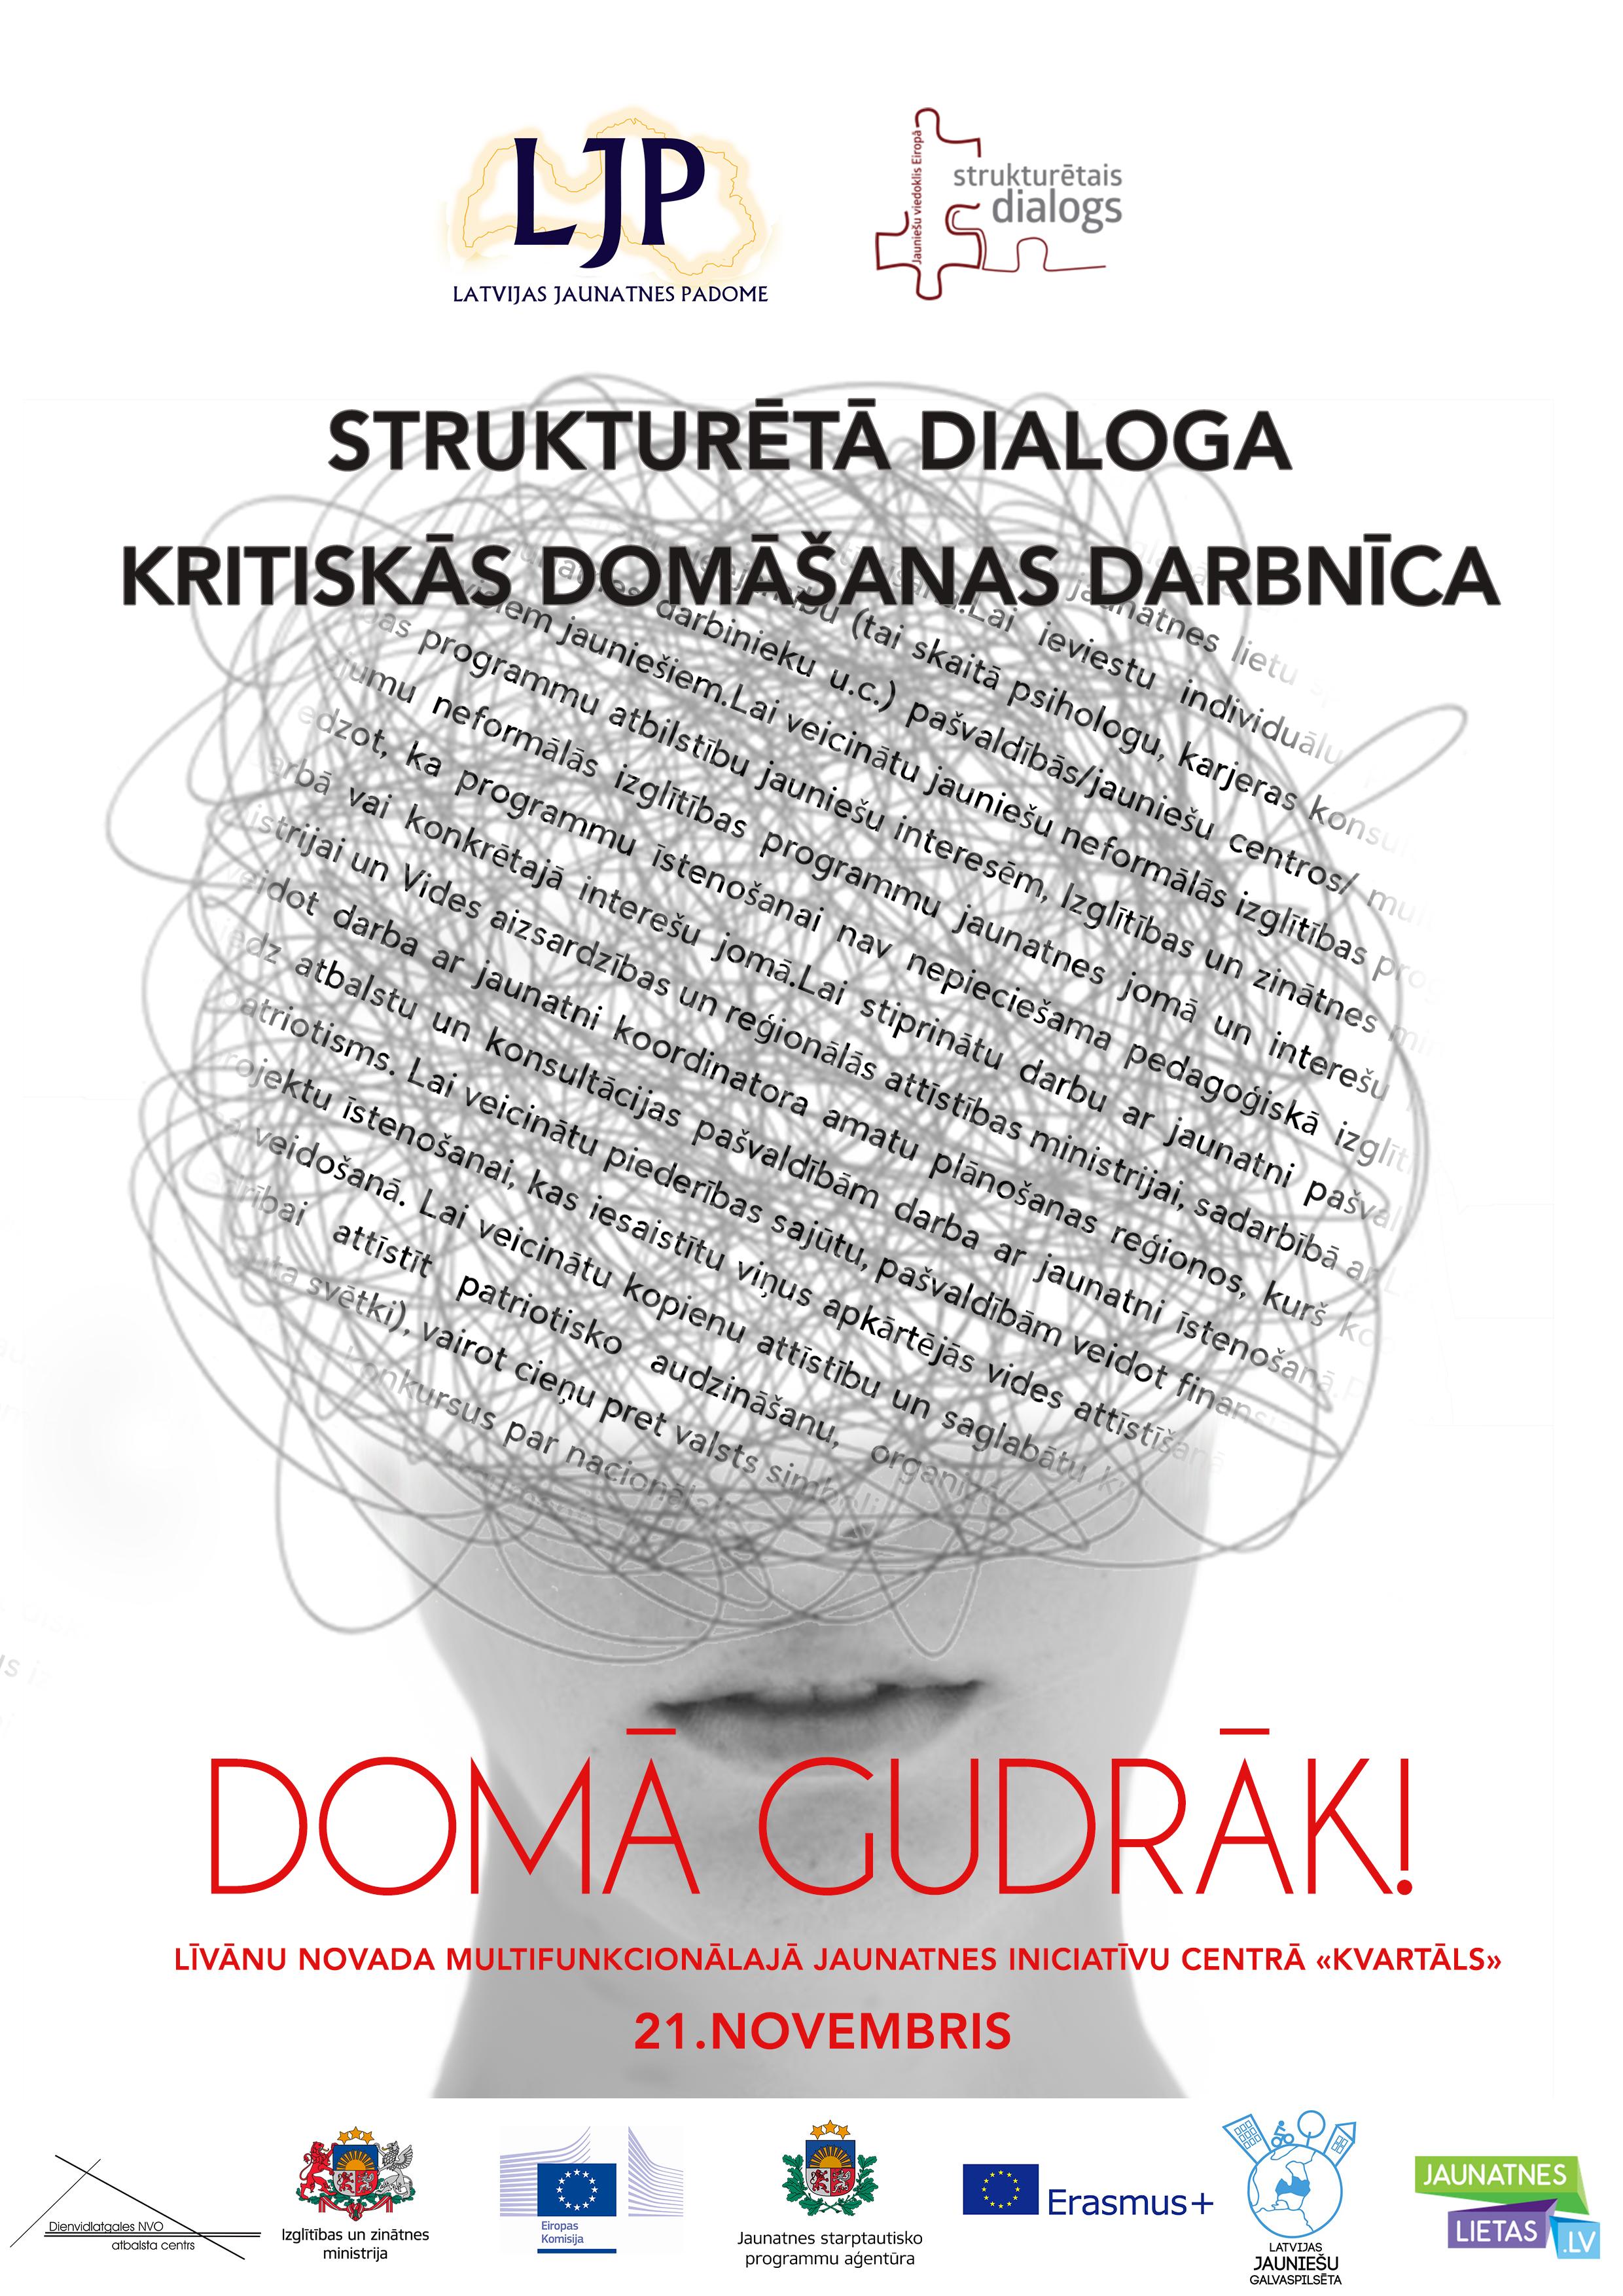 Livani SD Kritiska domasana 21.11.2016